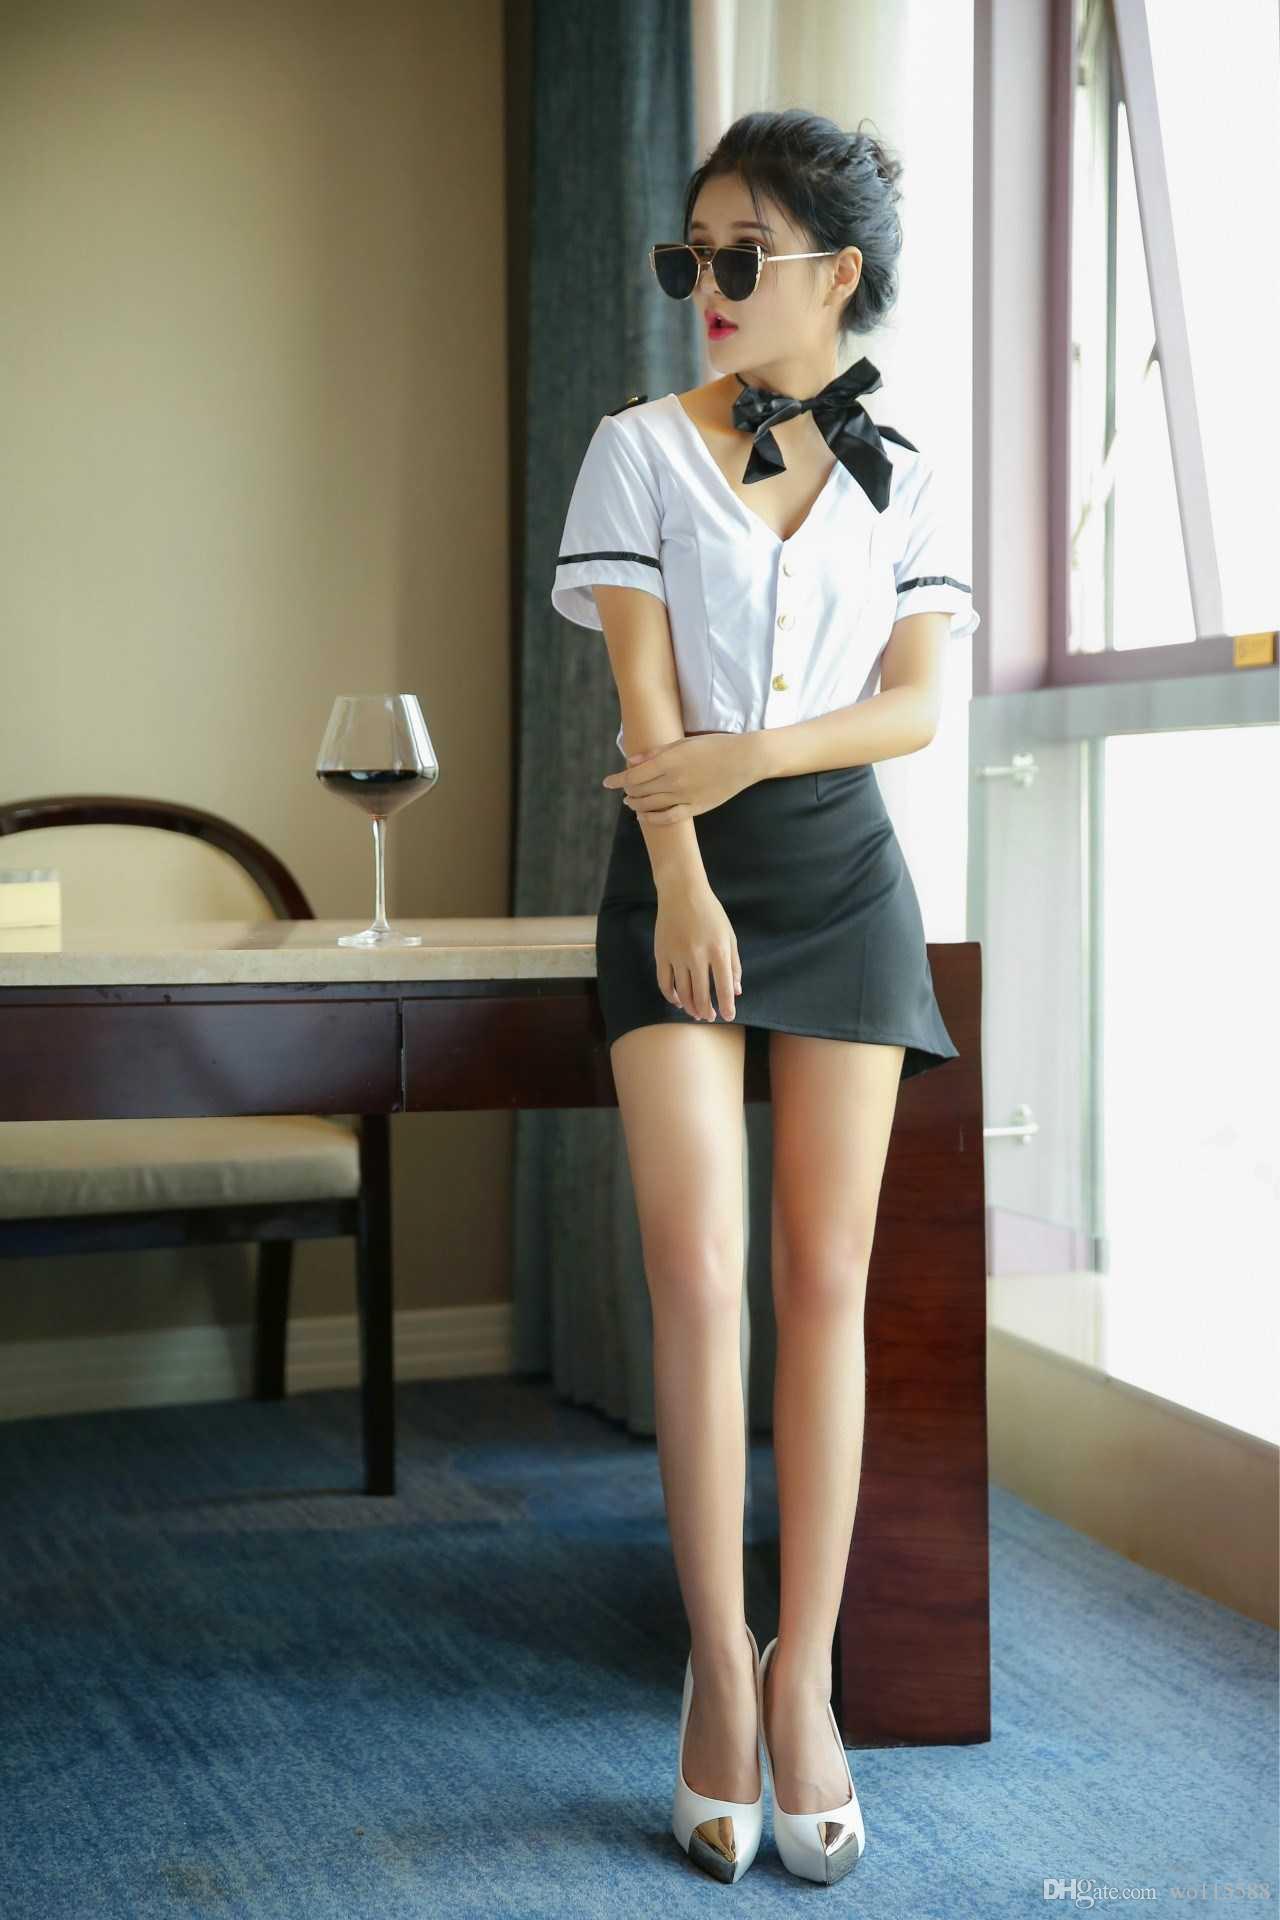 Le nuove uniformi sexy dell'hostess delle natiche sexy della biancheria di trasporto libero uniformano la camicia da notte sexy della tentazione OL di usura professionale delle donne sotto sexy